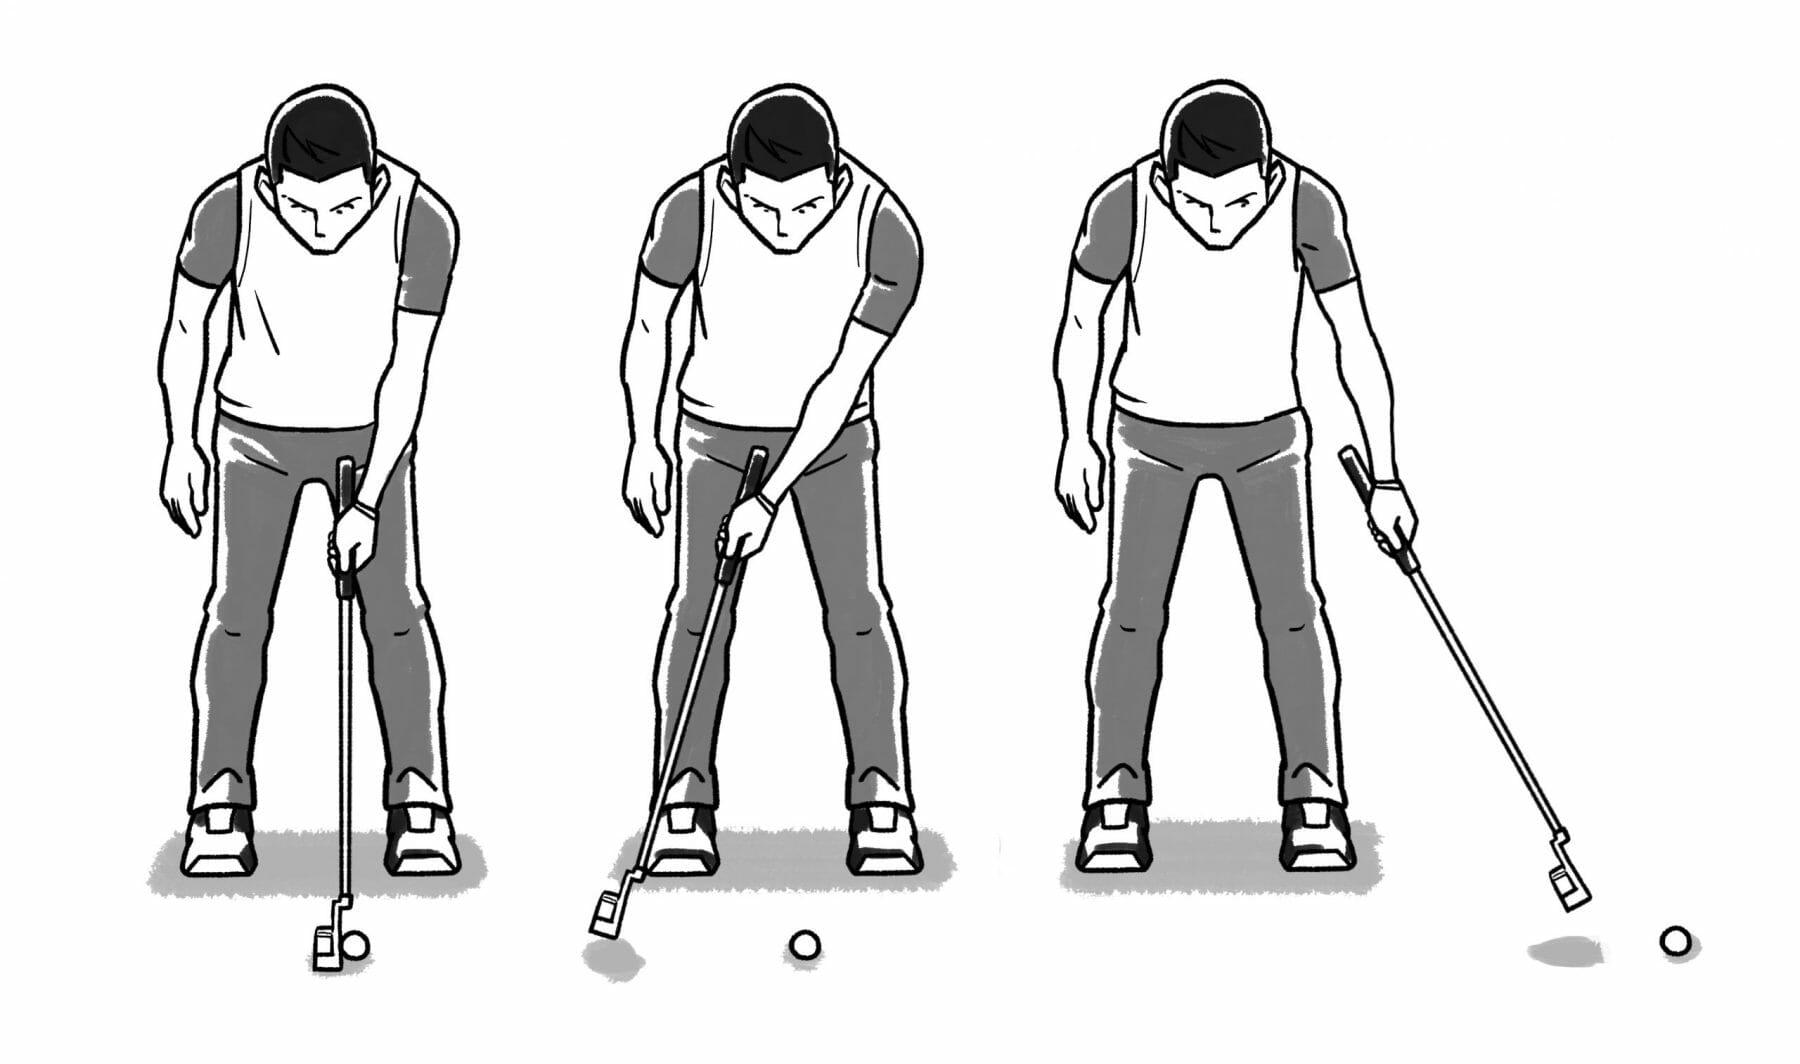 ラウンド前の練習グリーンなどで行うドリル。